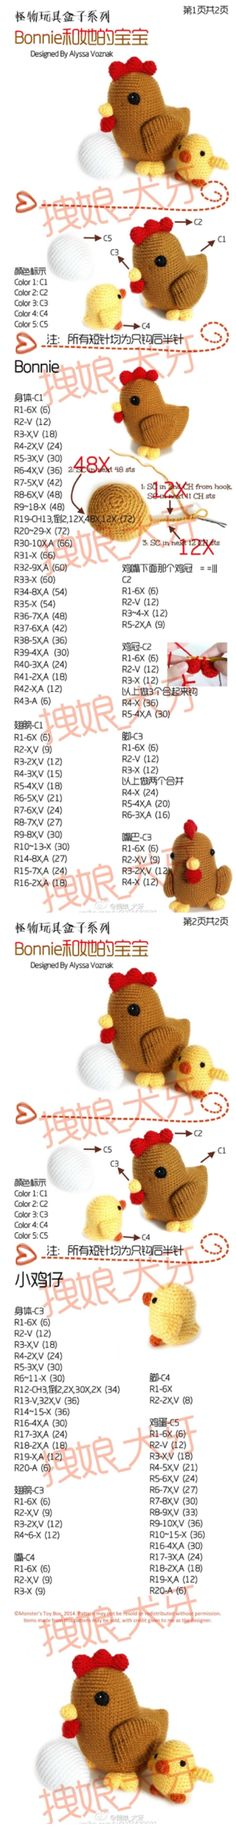 堆糖-美好生活研究所 Crochet Birds, Easter Crochet, Love Crochet, Crochet Animals, Diy Crochet, Crochet Crafts, Crochet Dolls, Crochet Chicken, Easter Toys